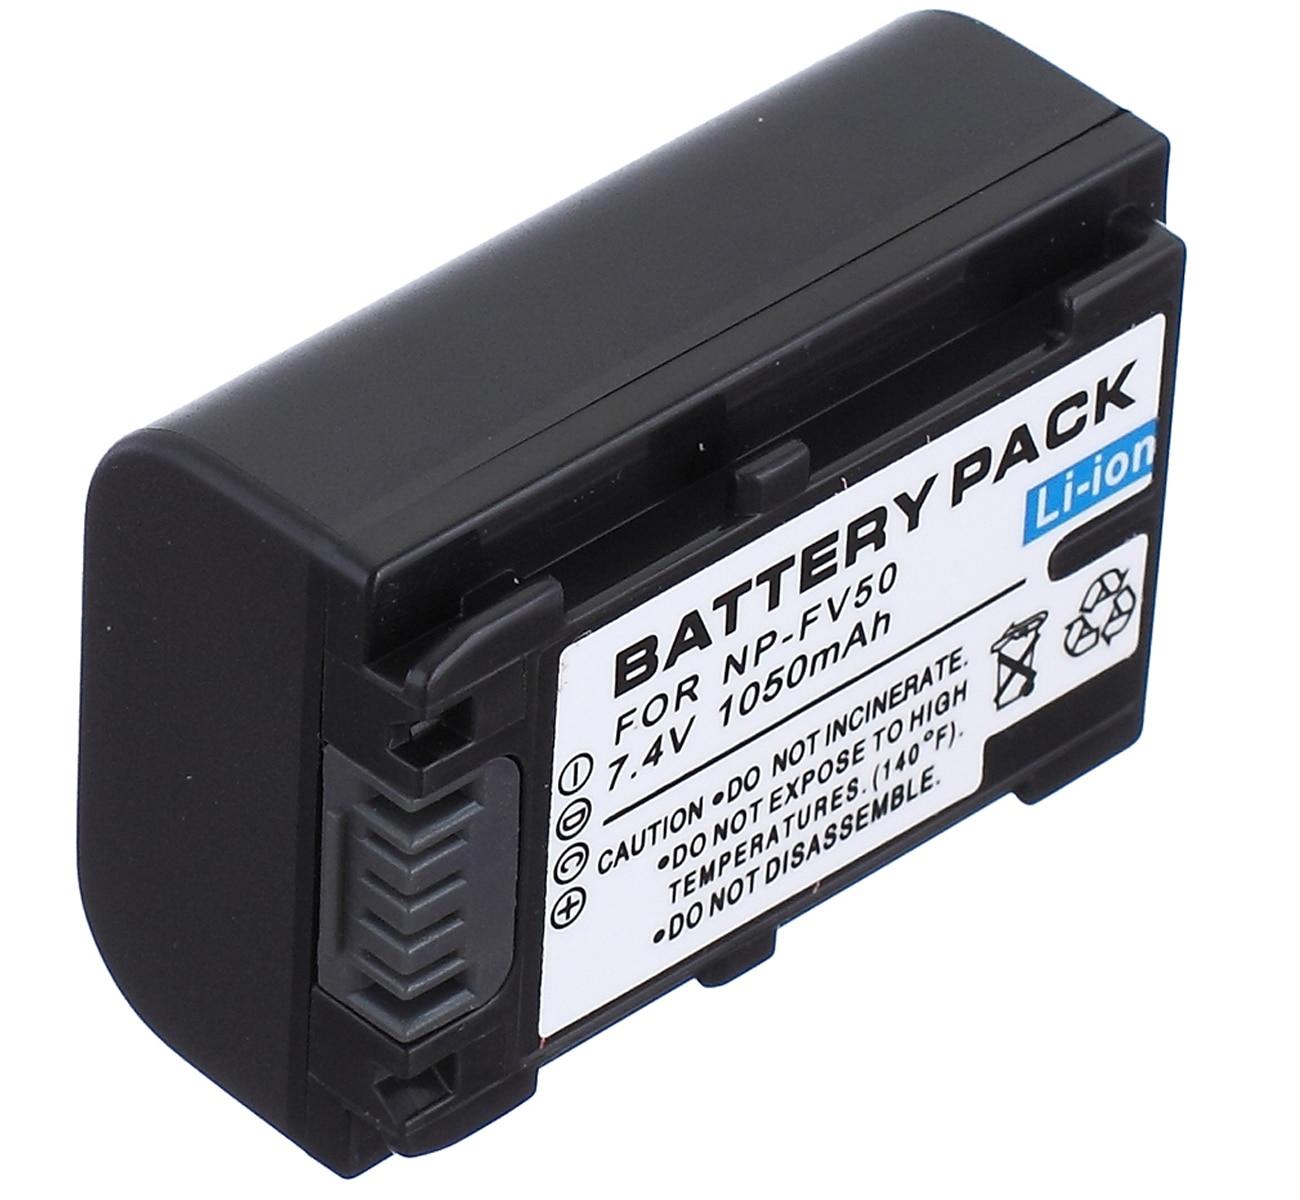 DCR-SX34E DCR-SX34 Battery Pack for Sony DCR-SX33 DCR-SX44E Handycam Camcorder